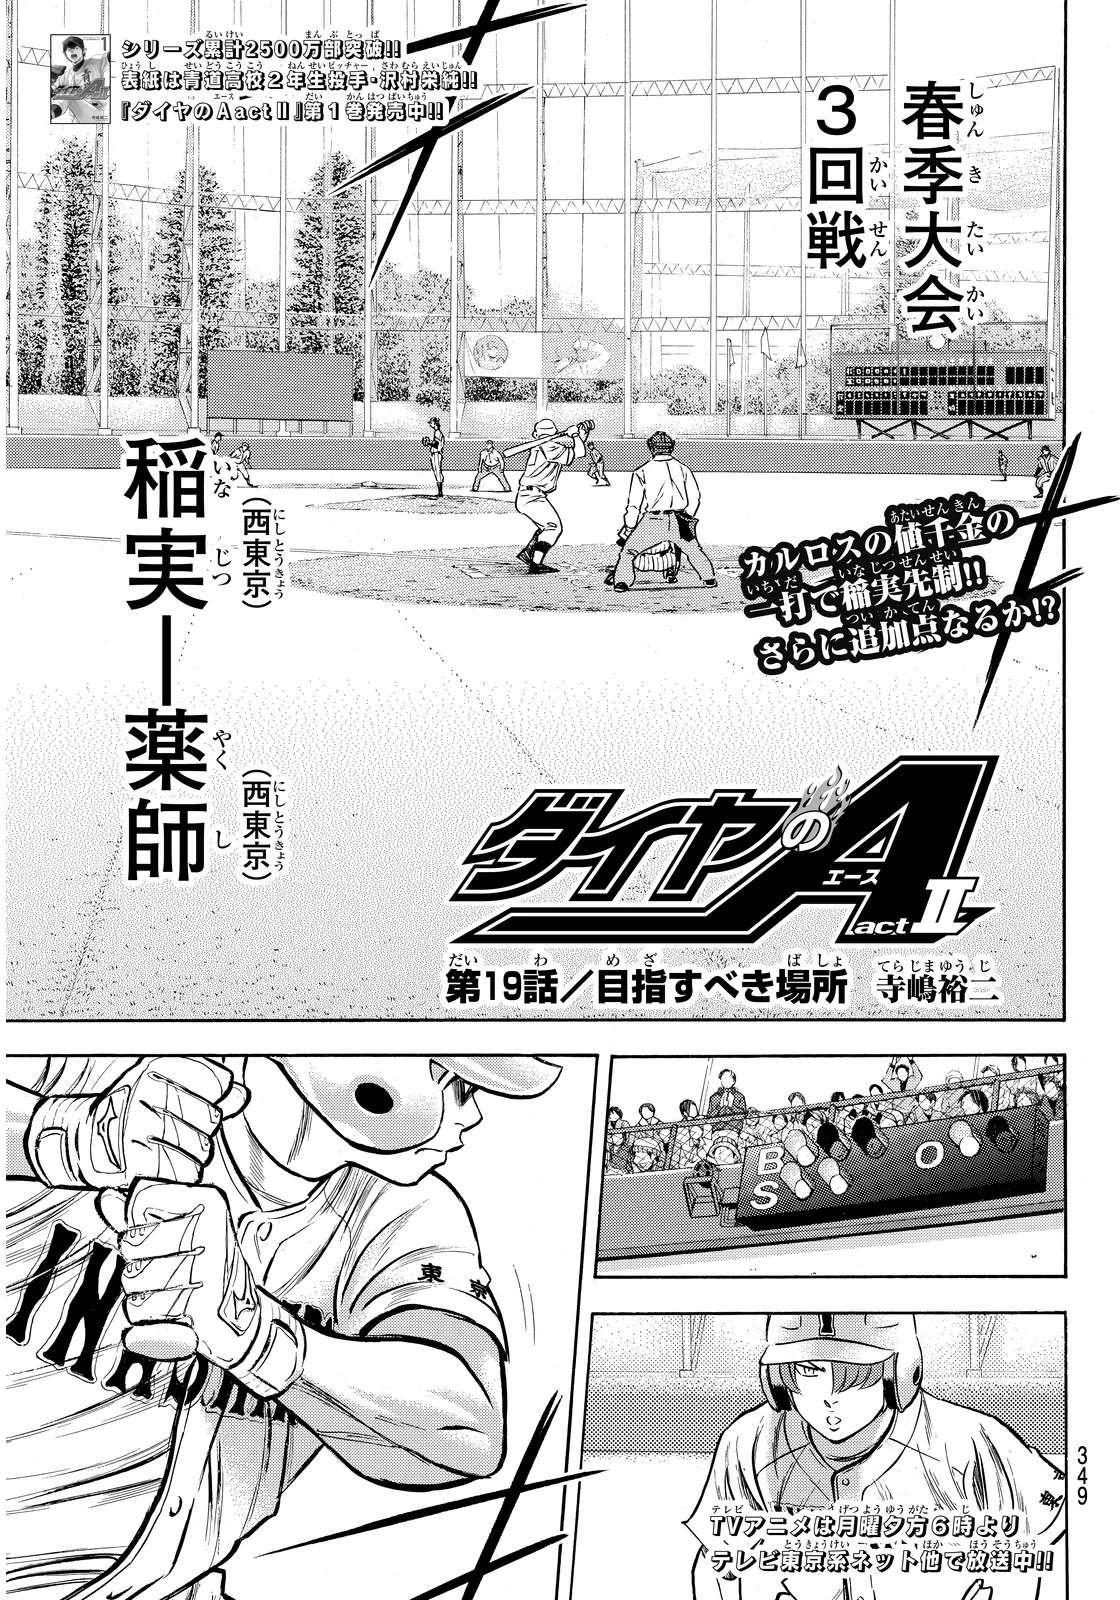 Daiya no A Act II - Chapter 019 - Page 1